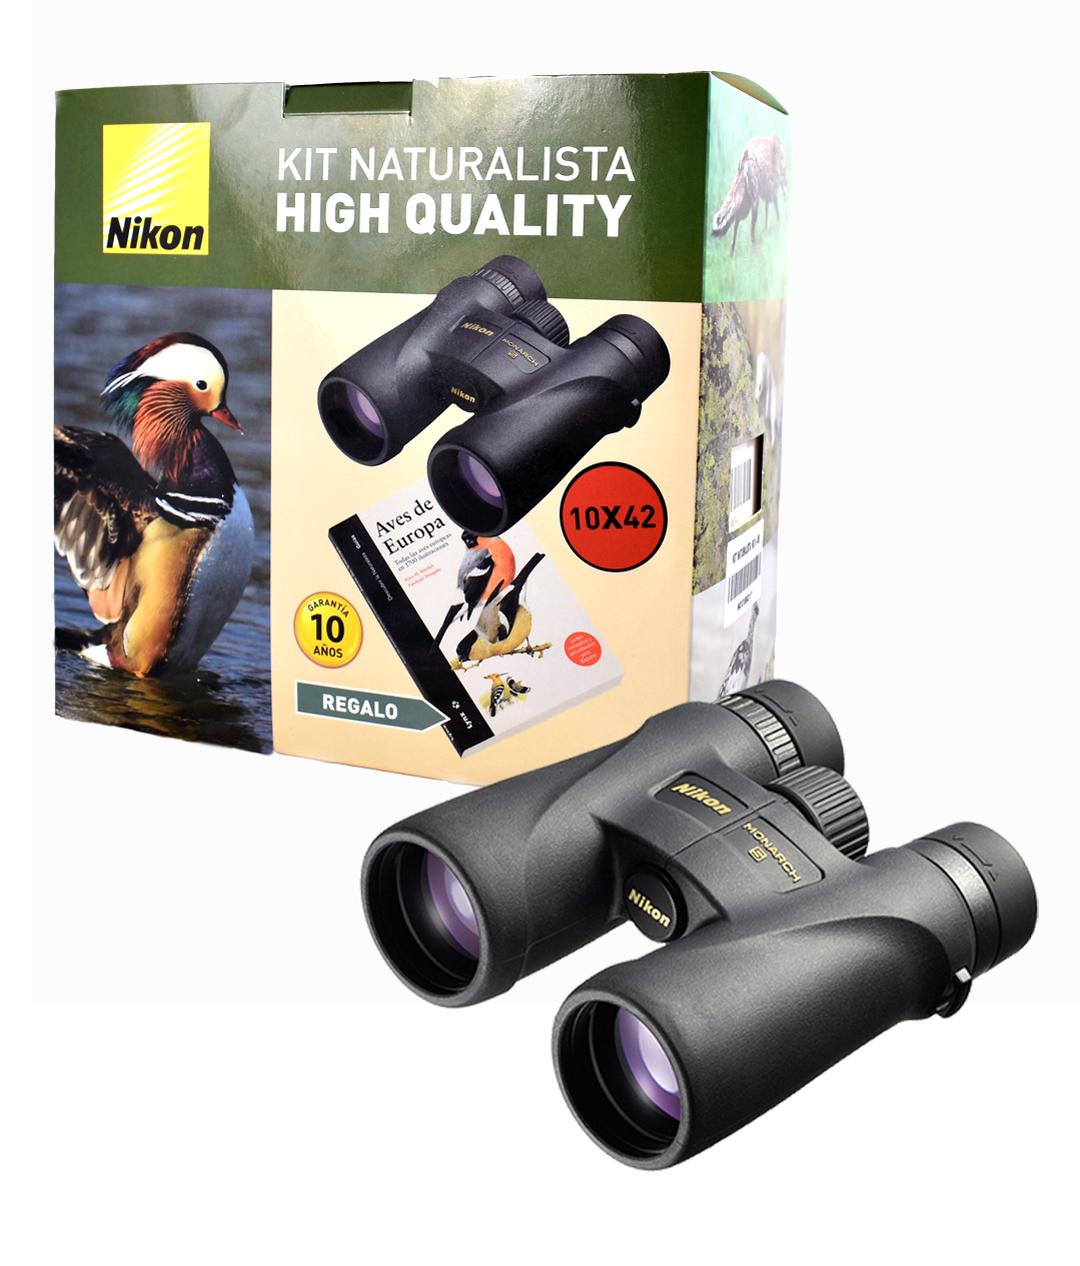 Kit Naturalista HQ 2 Binóculos Nikon MONARCH 5 10x42